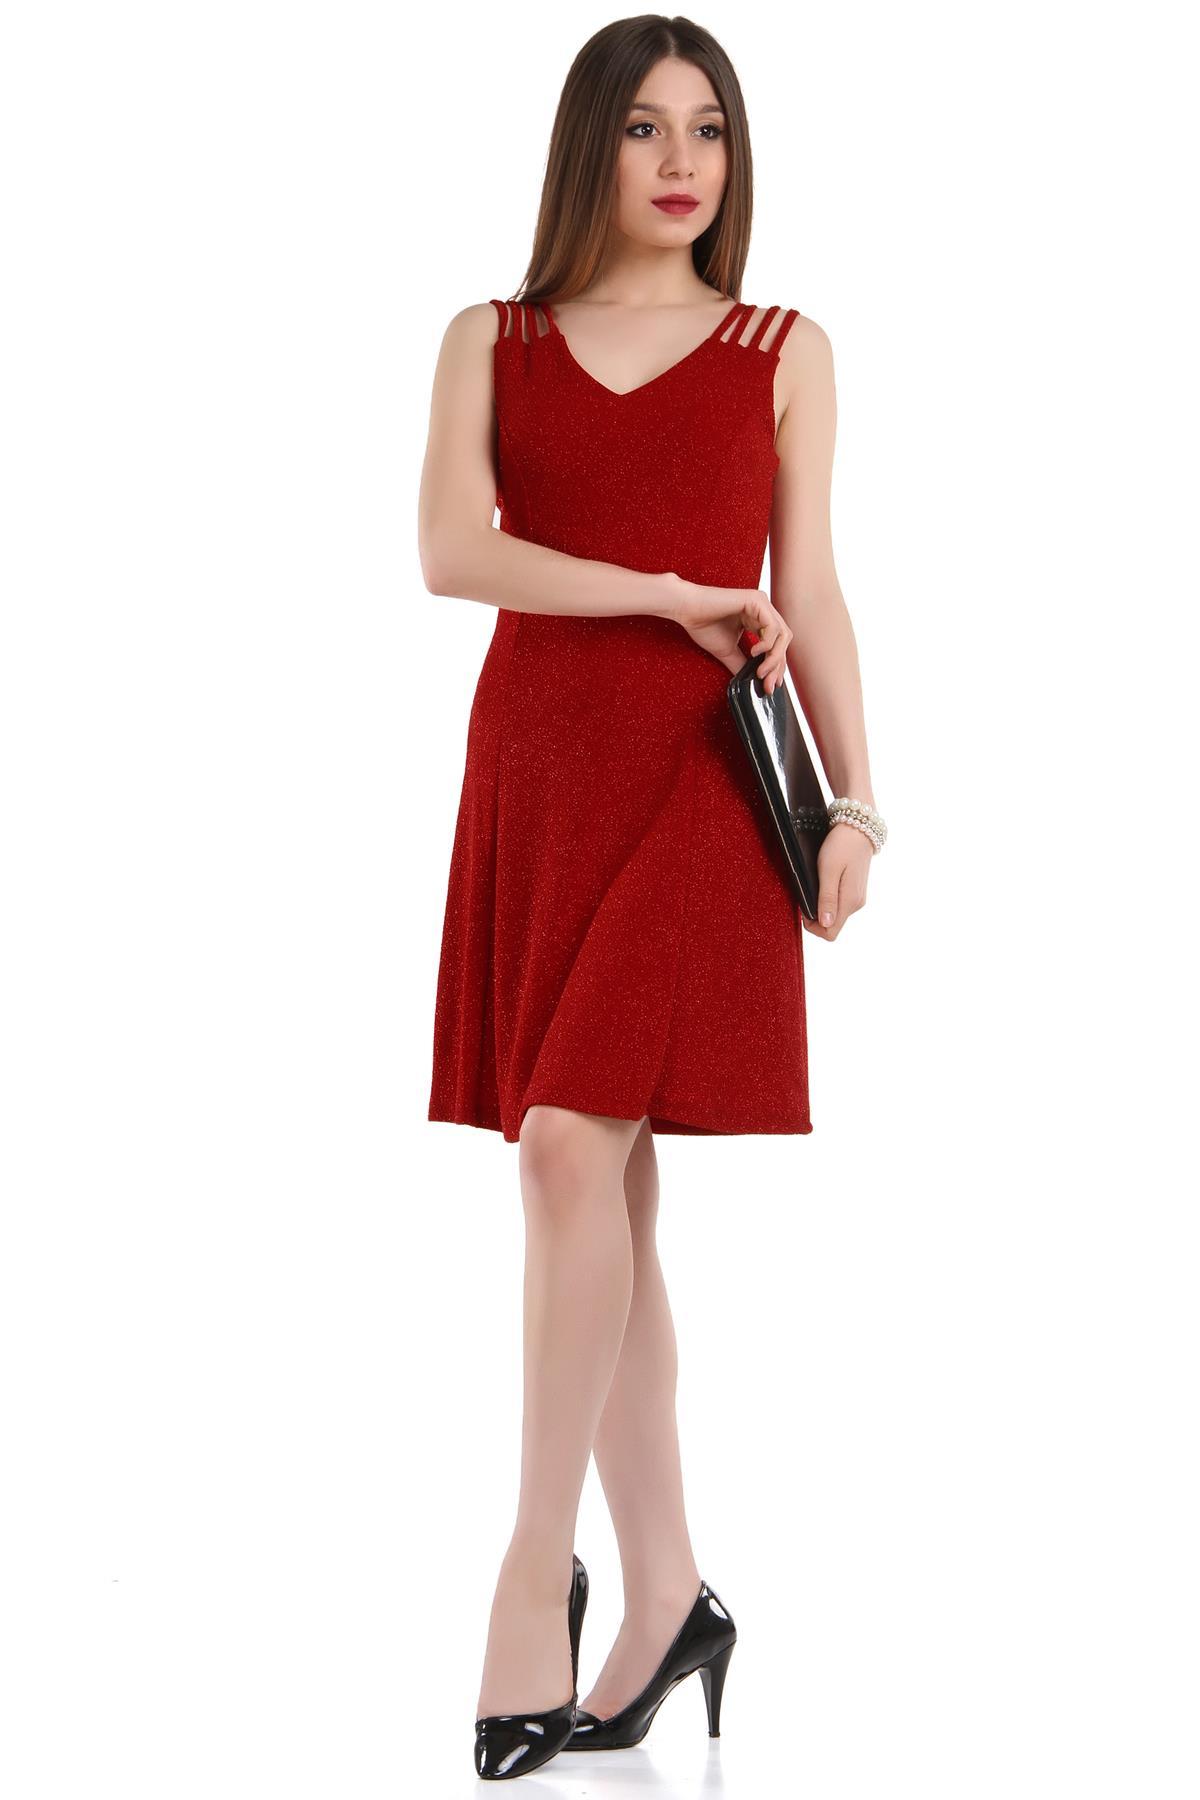 d3ff51f9678af Simli Çok Şık Patırtı Giyim Yazlık Elbise Modelleri 2016 »